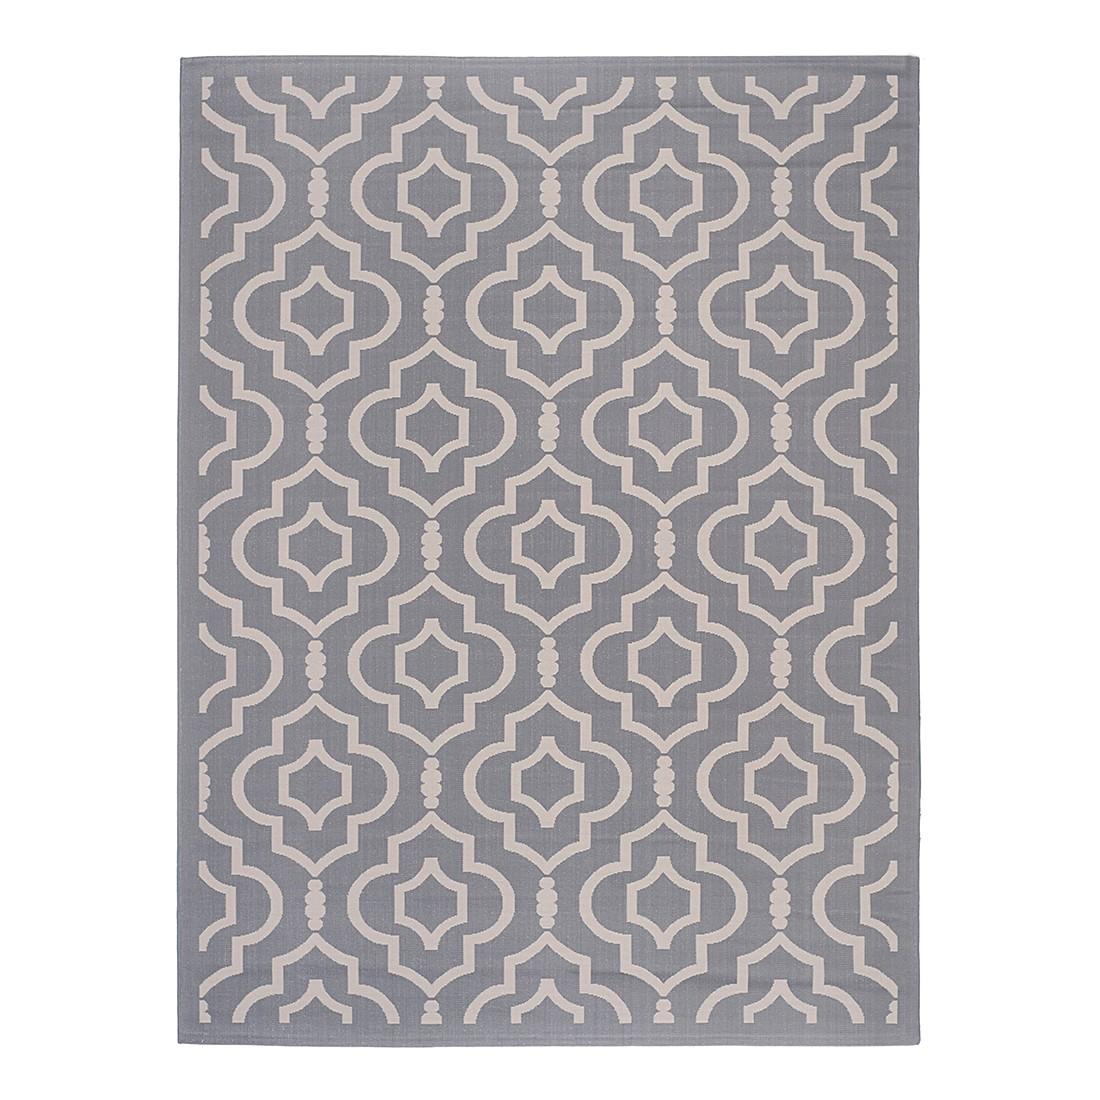 In-/Outdoorteppich Mykonos – Anthrazit/Beige – Maße: 161 x 232 cm, Safavieh jetzt bestellen